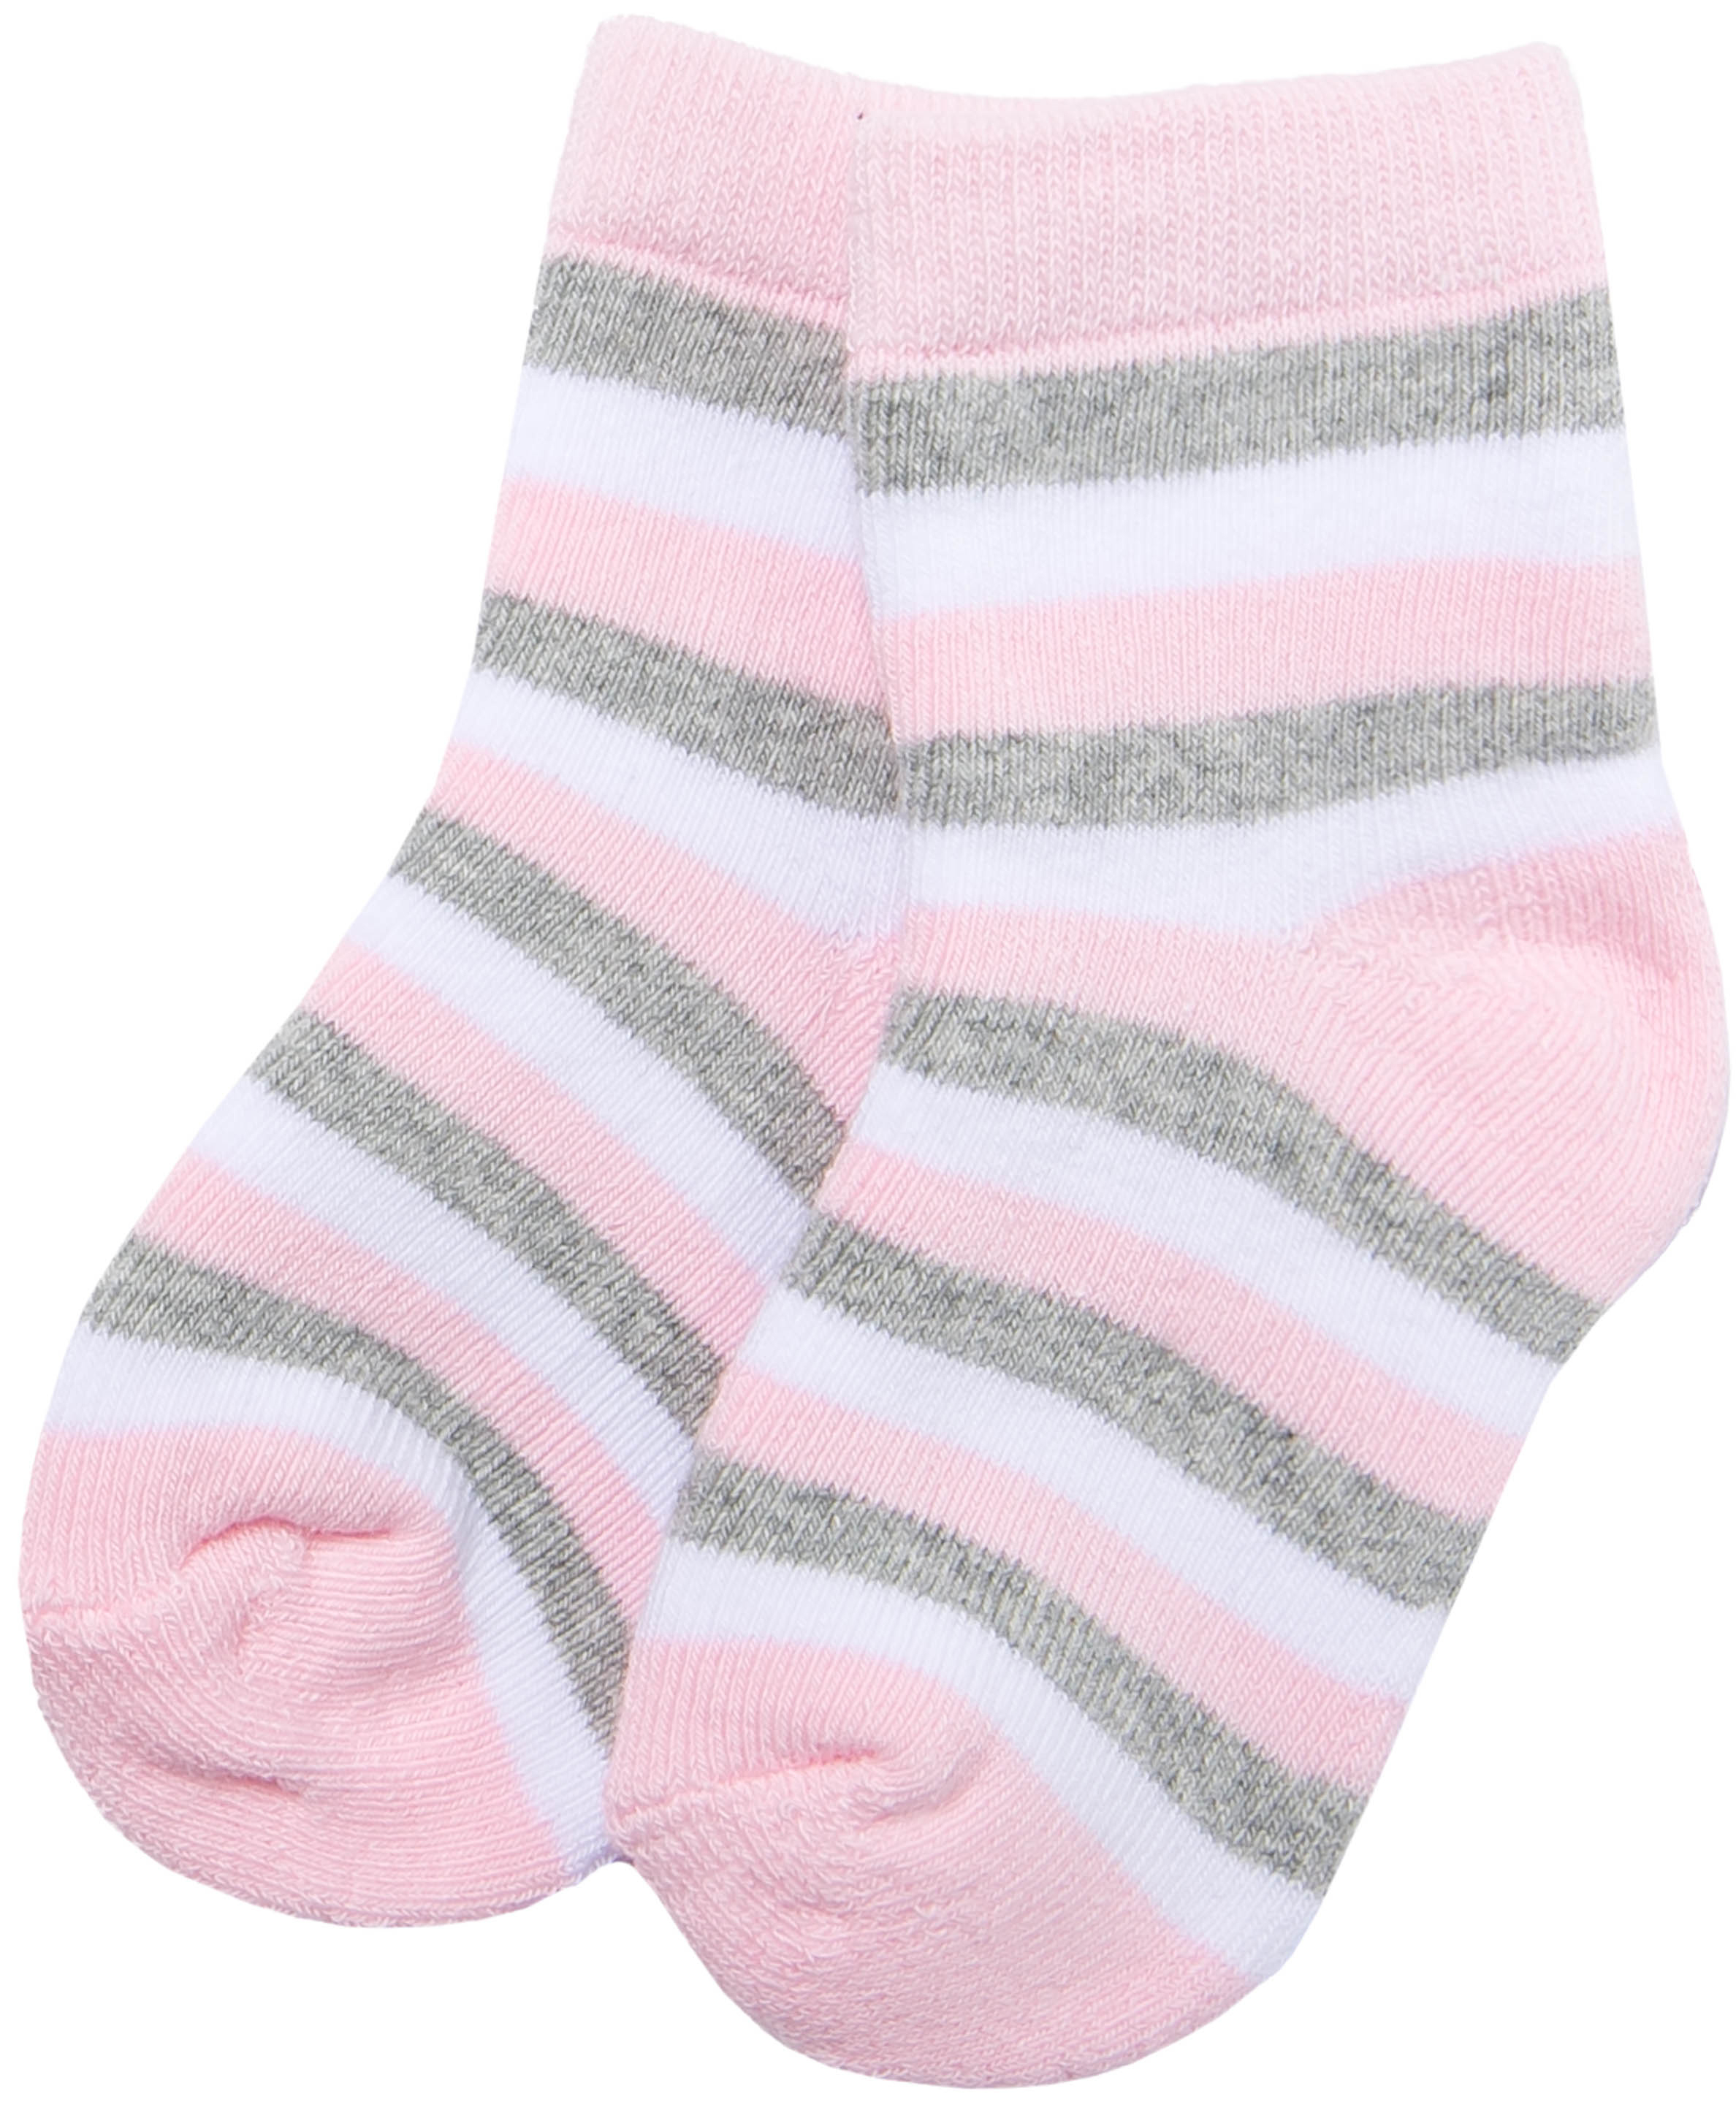 Купить Носки махровые для девочки Barkito, розовые с рисунком в полоску, Китай, розовый с рисунком в полоску, Женский